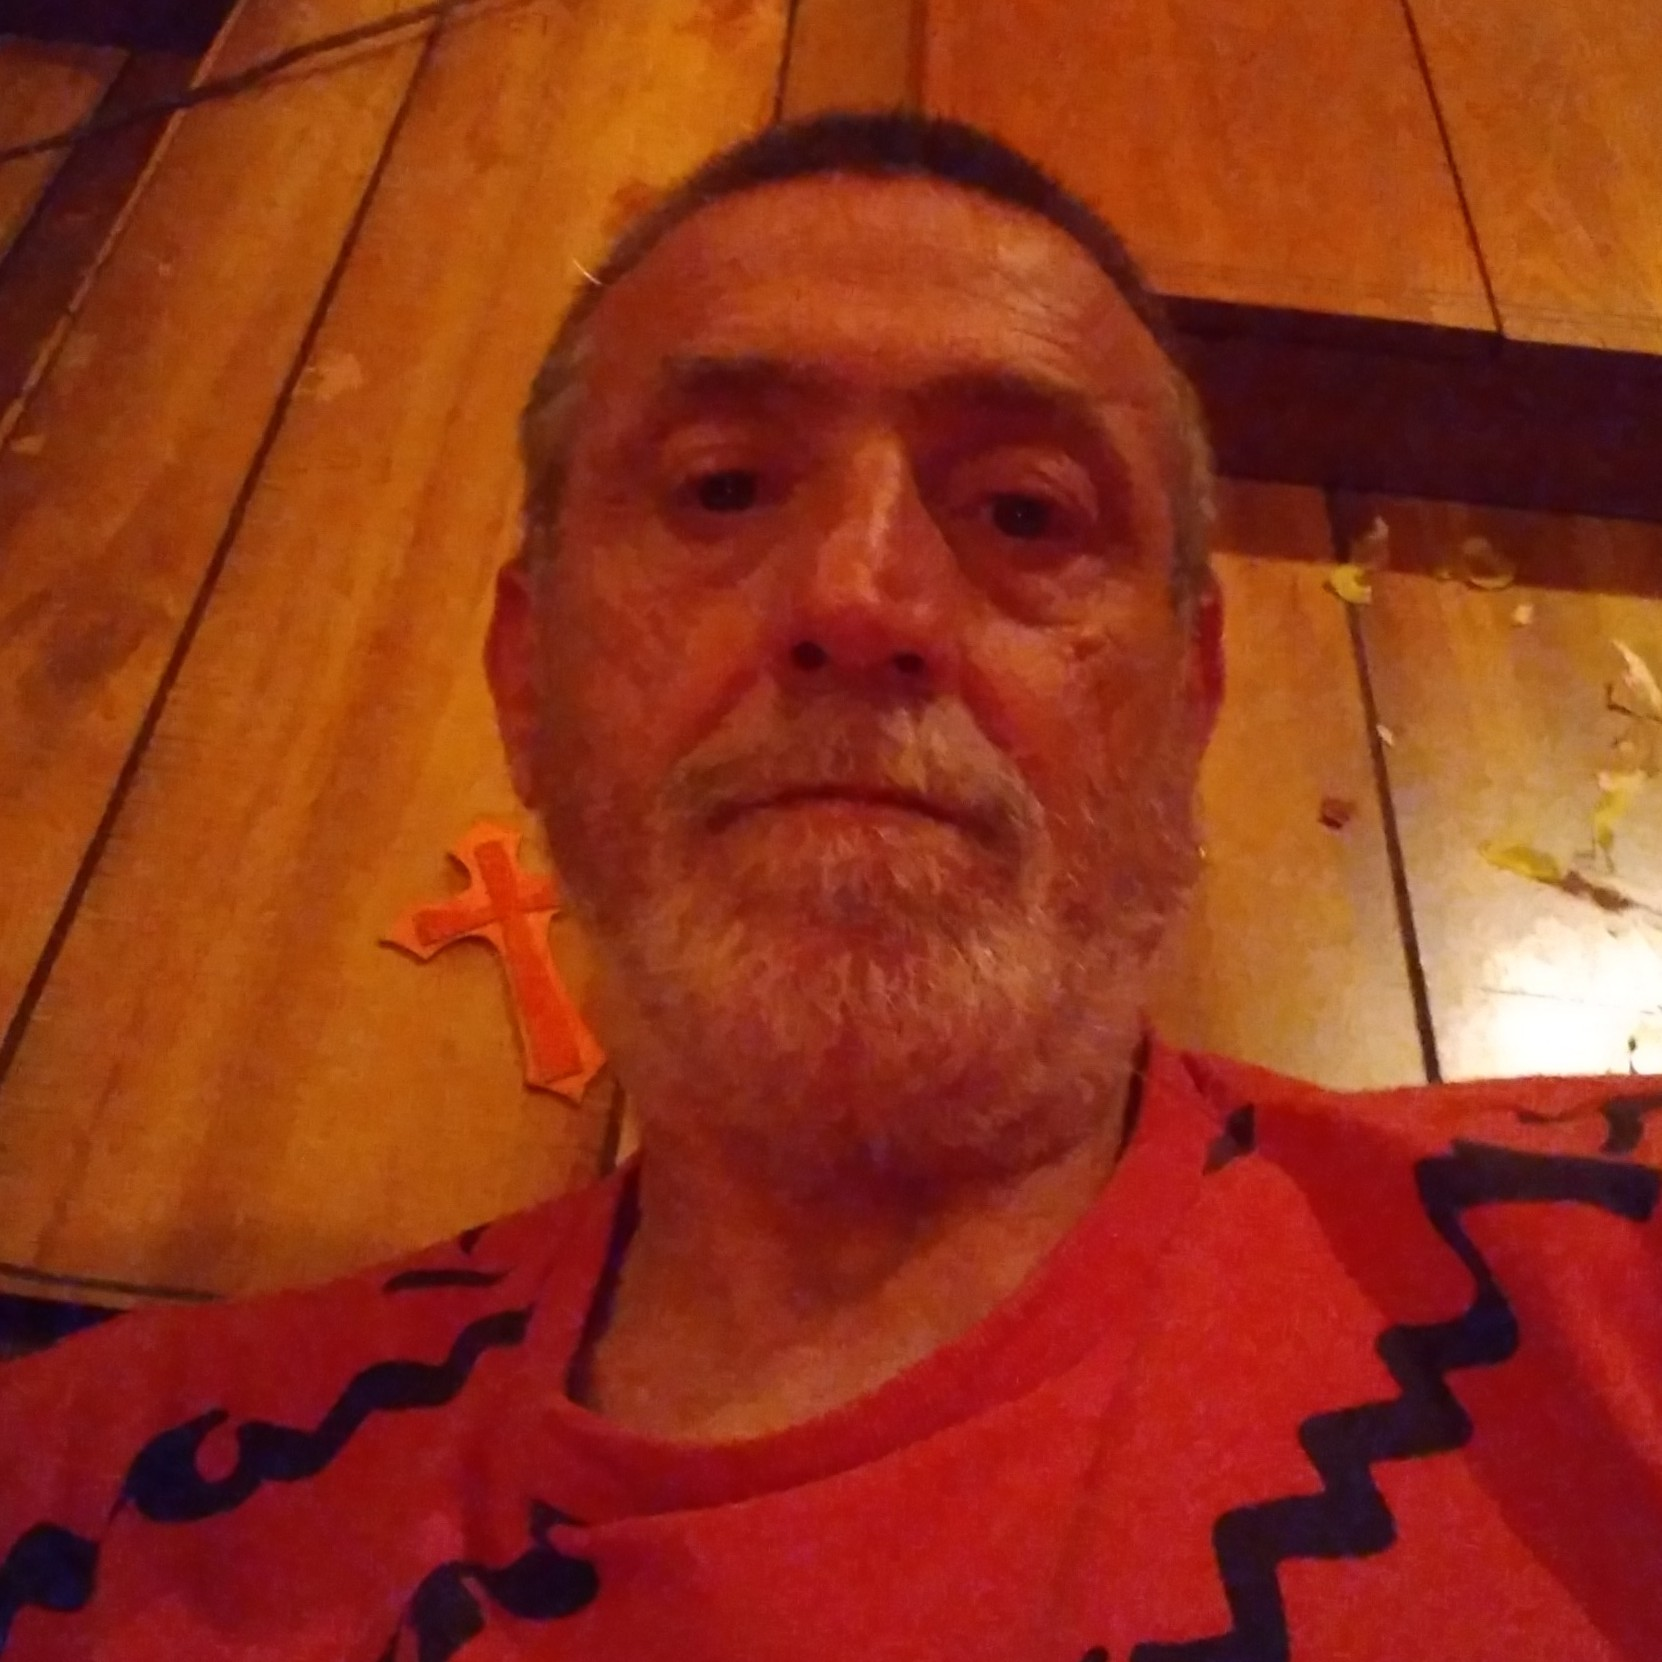 http://catch-app.oss-us-east-1.aliyuncs.com/image/1630739874332-c1e43c78-0dc9-4ece-894f-1ddb34e8c622.jpg